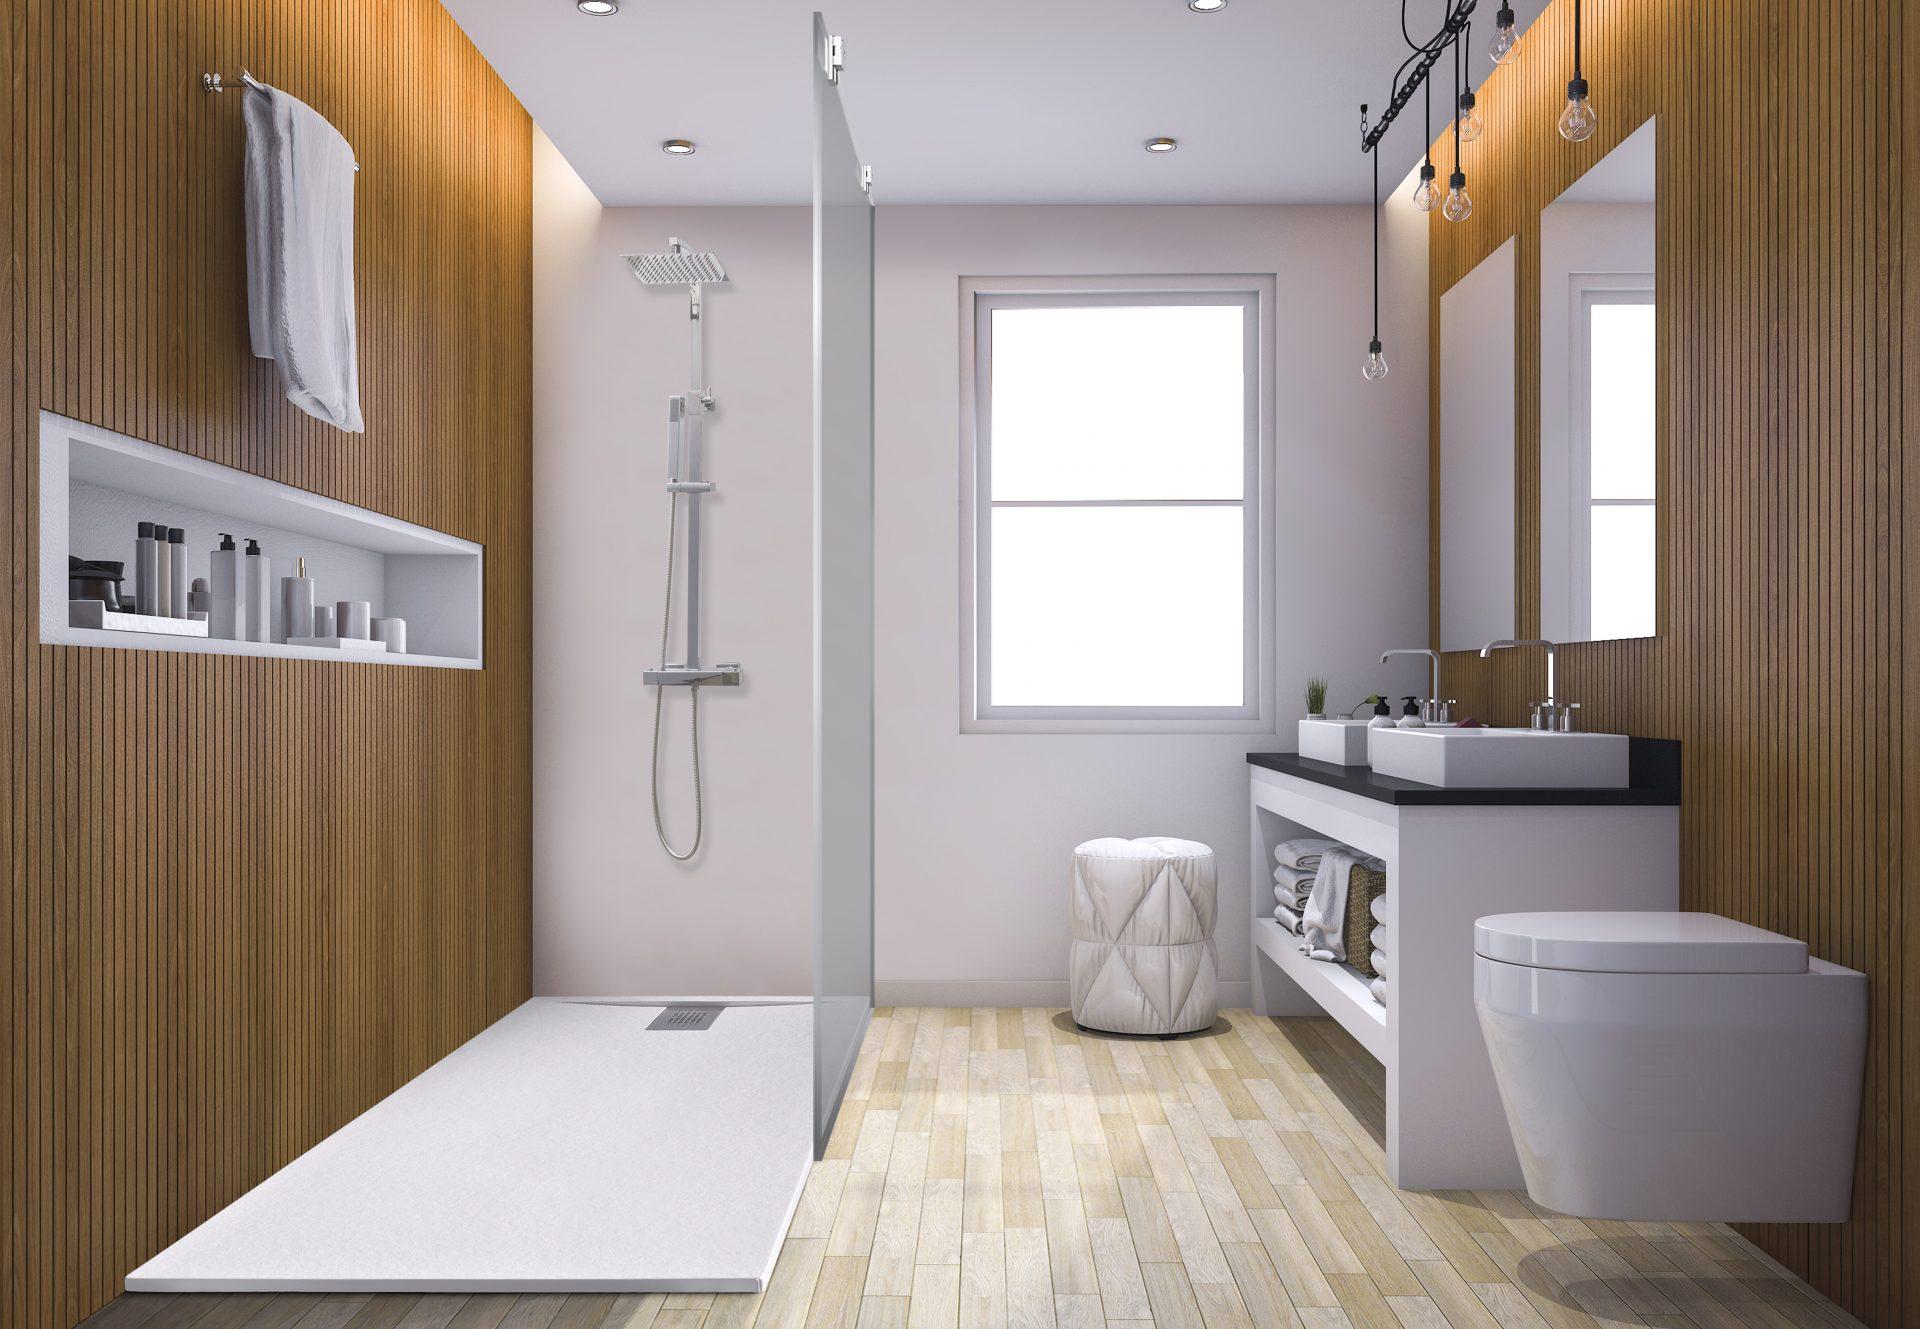 Shower Pan LLC image 1